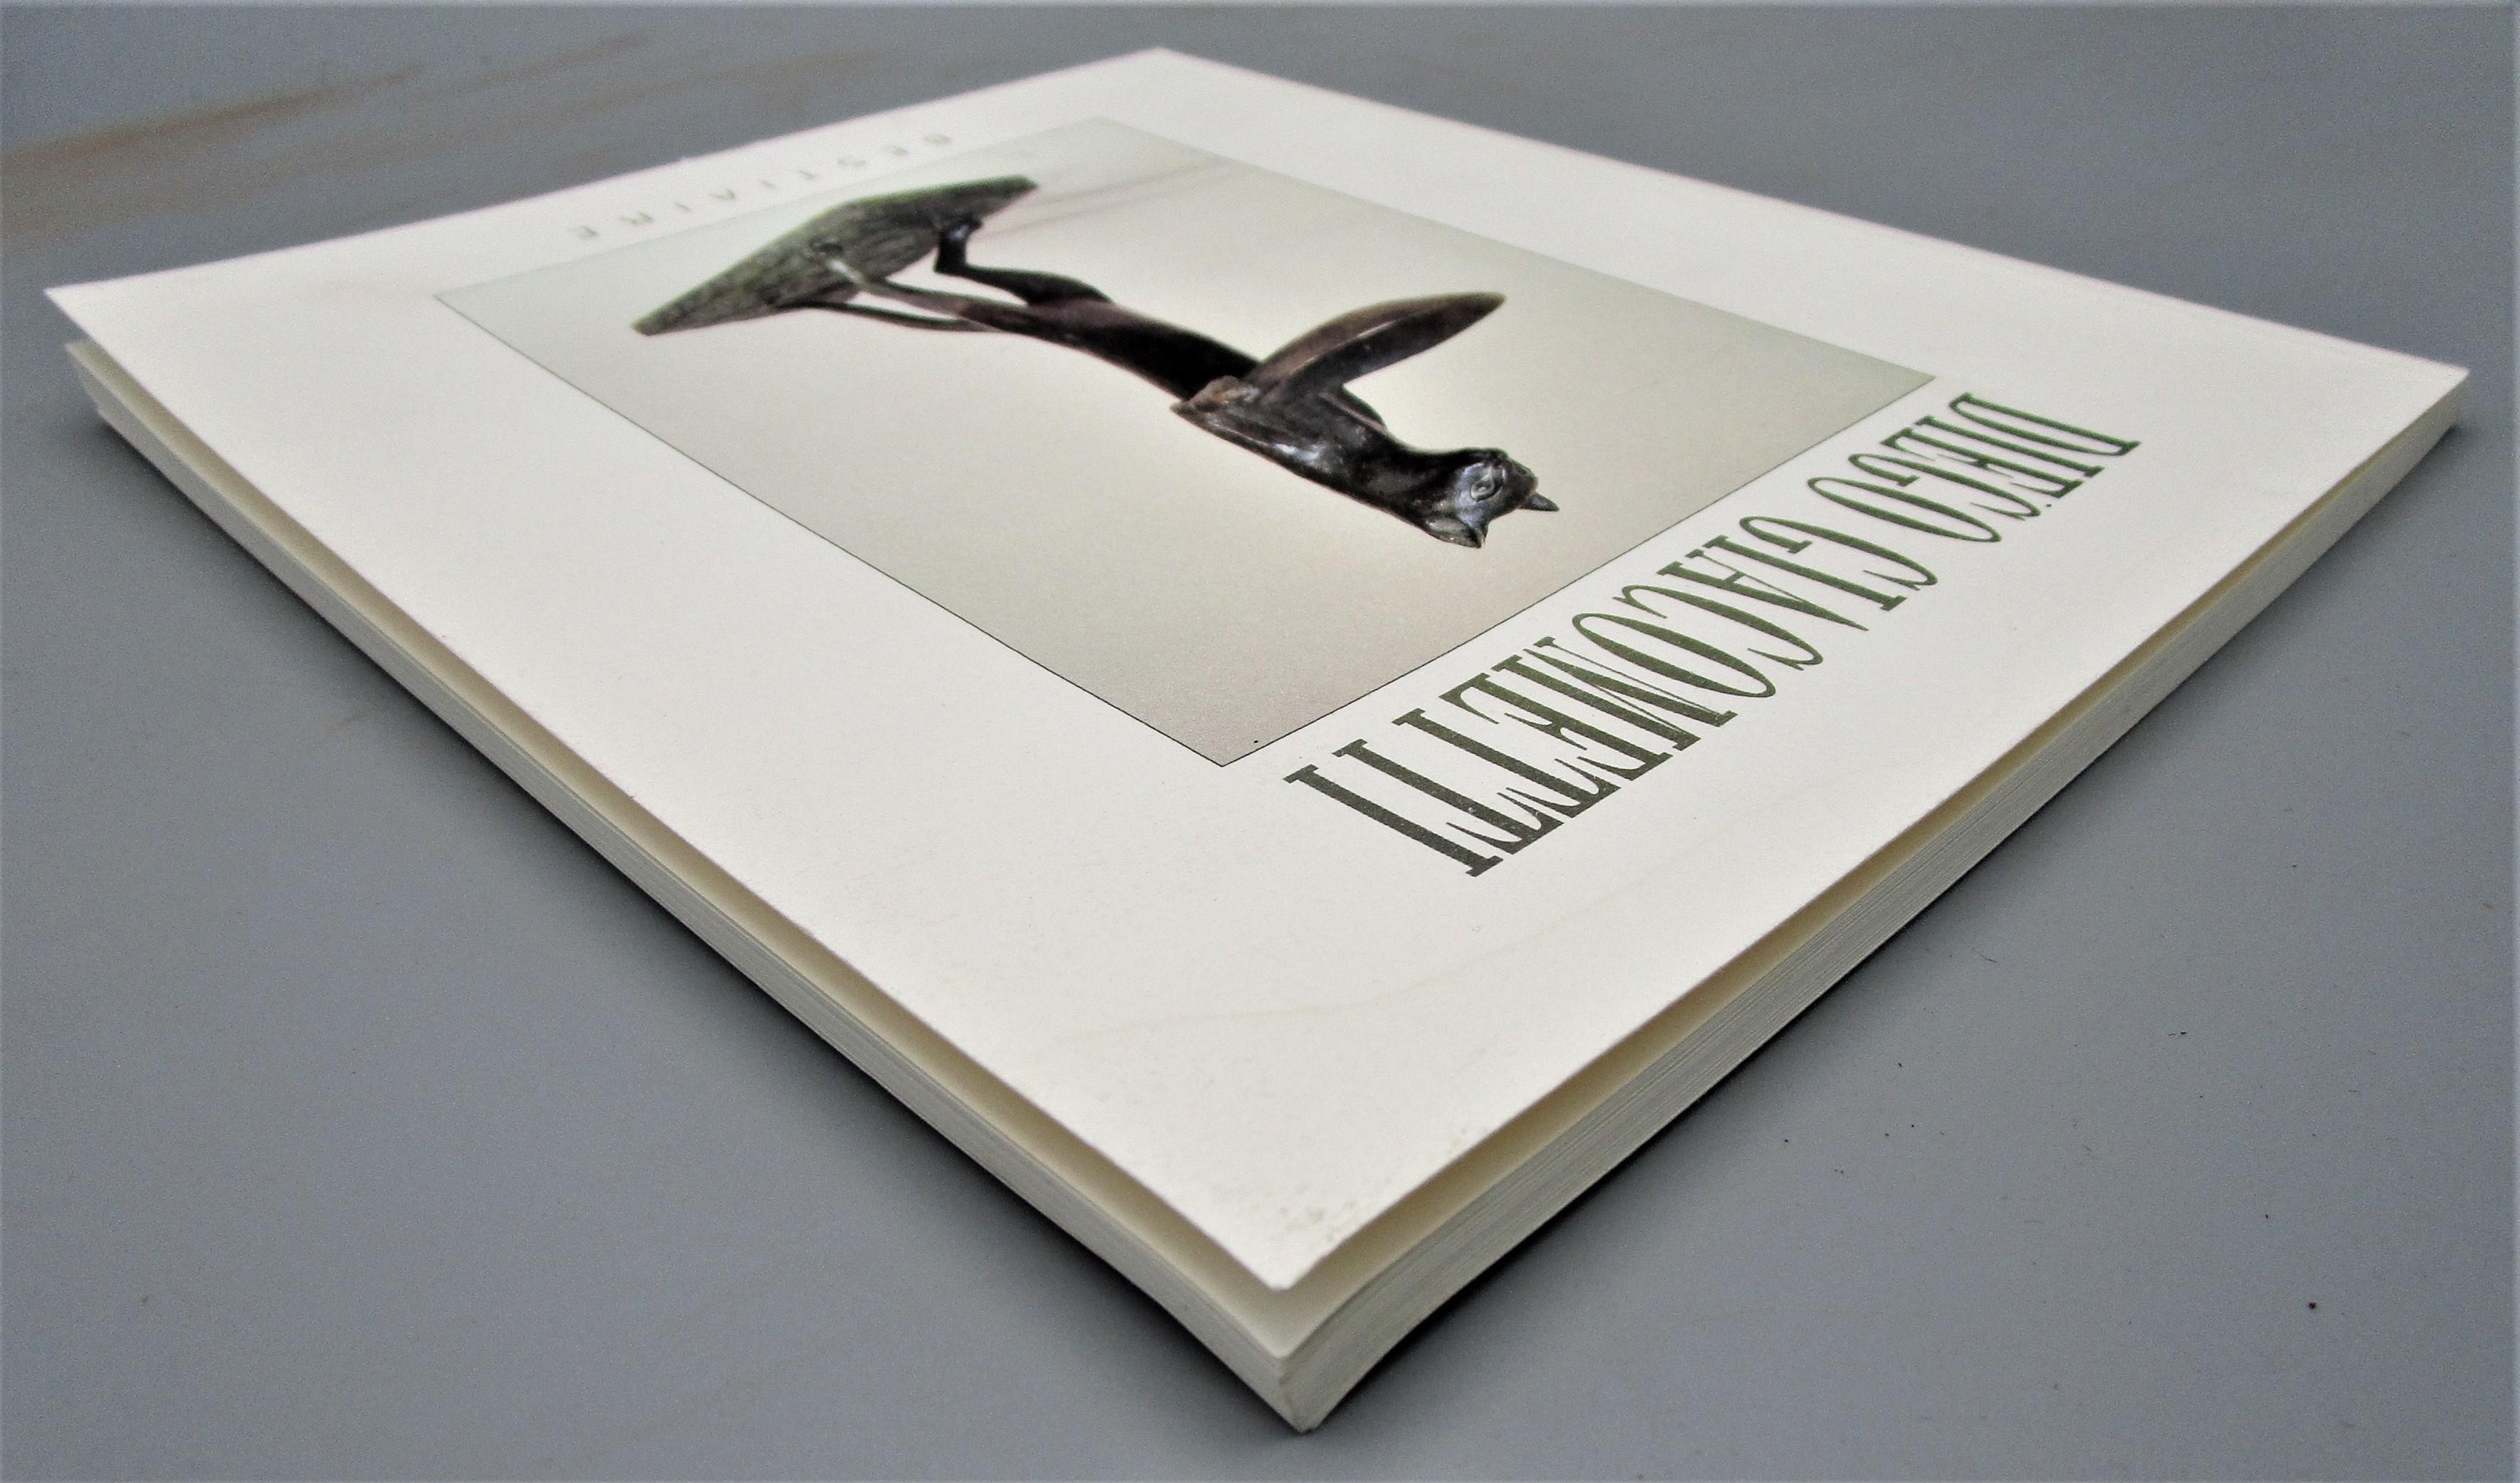 LE BESTIAIRE DE DIEGO GIACOMETTI - 1997 *Exhibition*